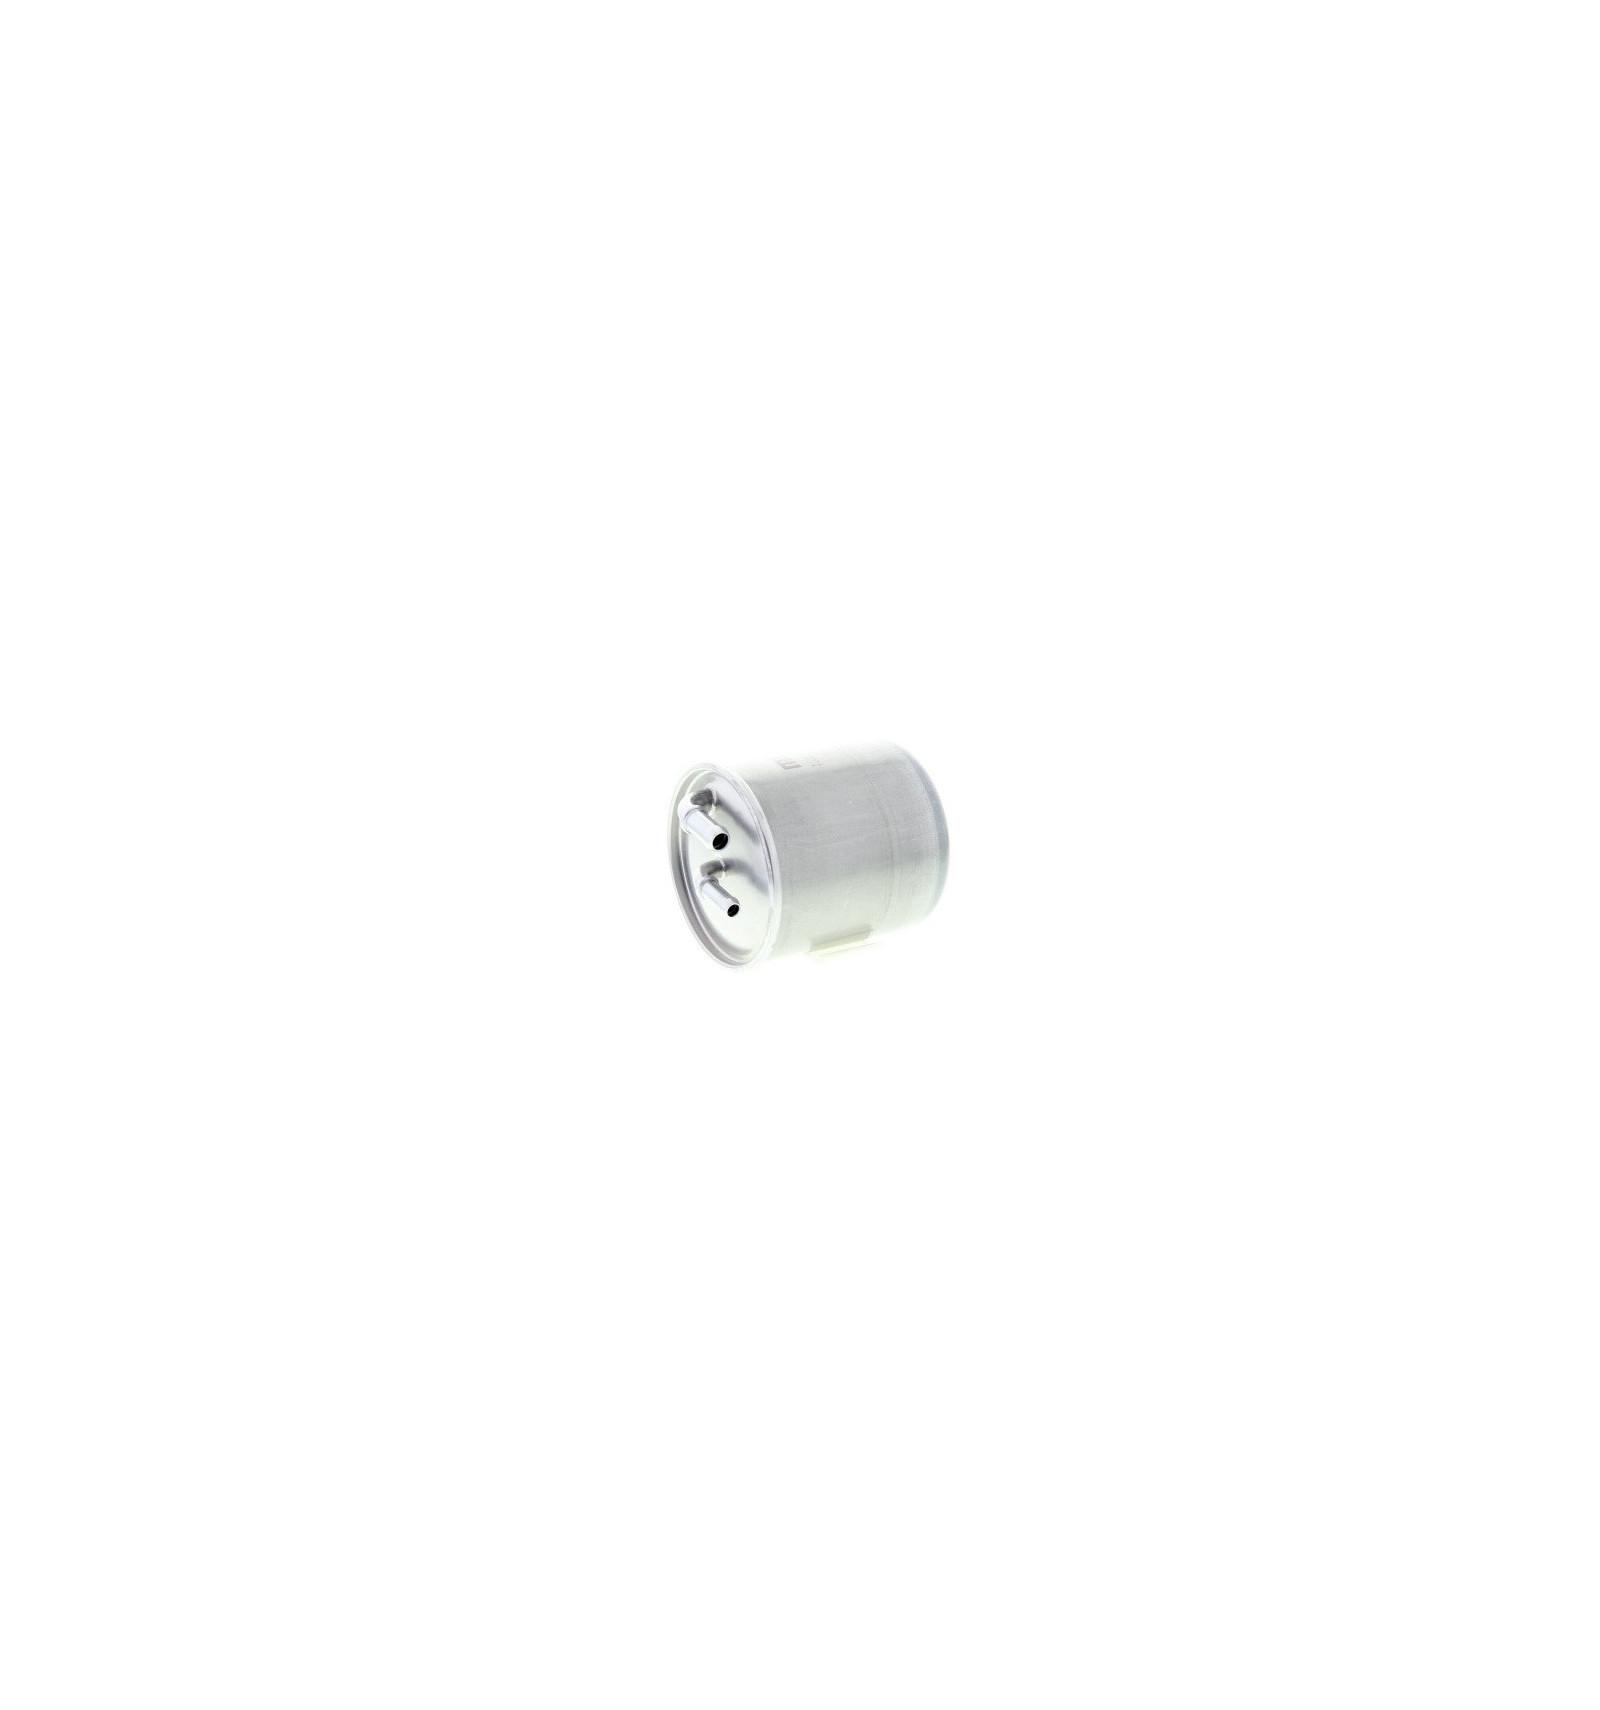 filtre a carburant chrysler mercedes benz smart cdi crd. Black Bedroom Furniture Sets. Home Design Ideas